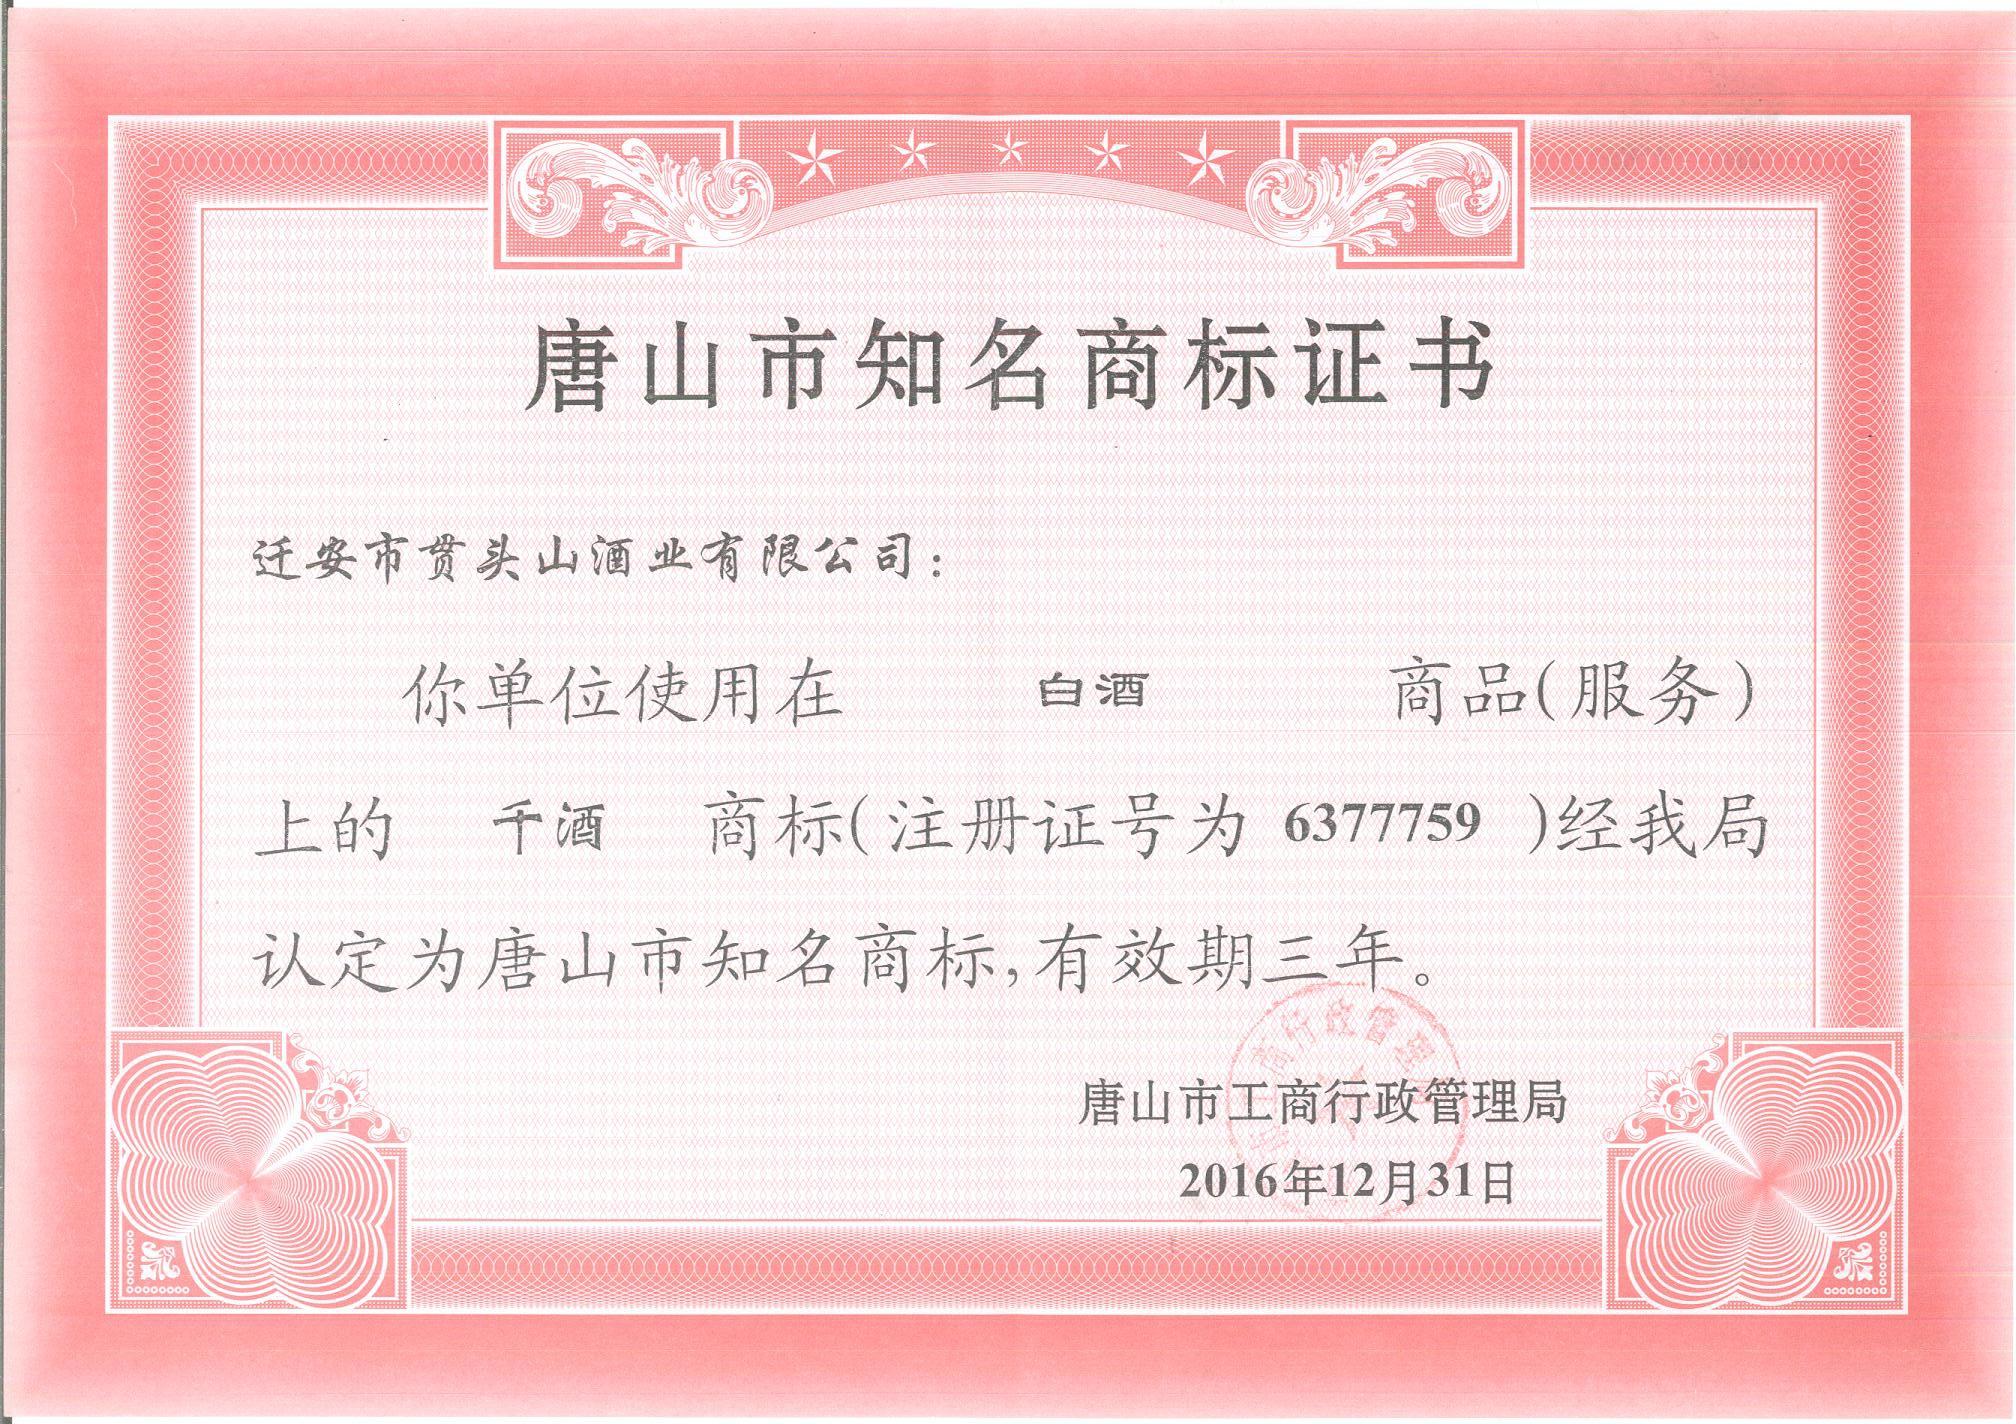 """""""千酒""""商标获唐山市知名商标荣誉称号"""